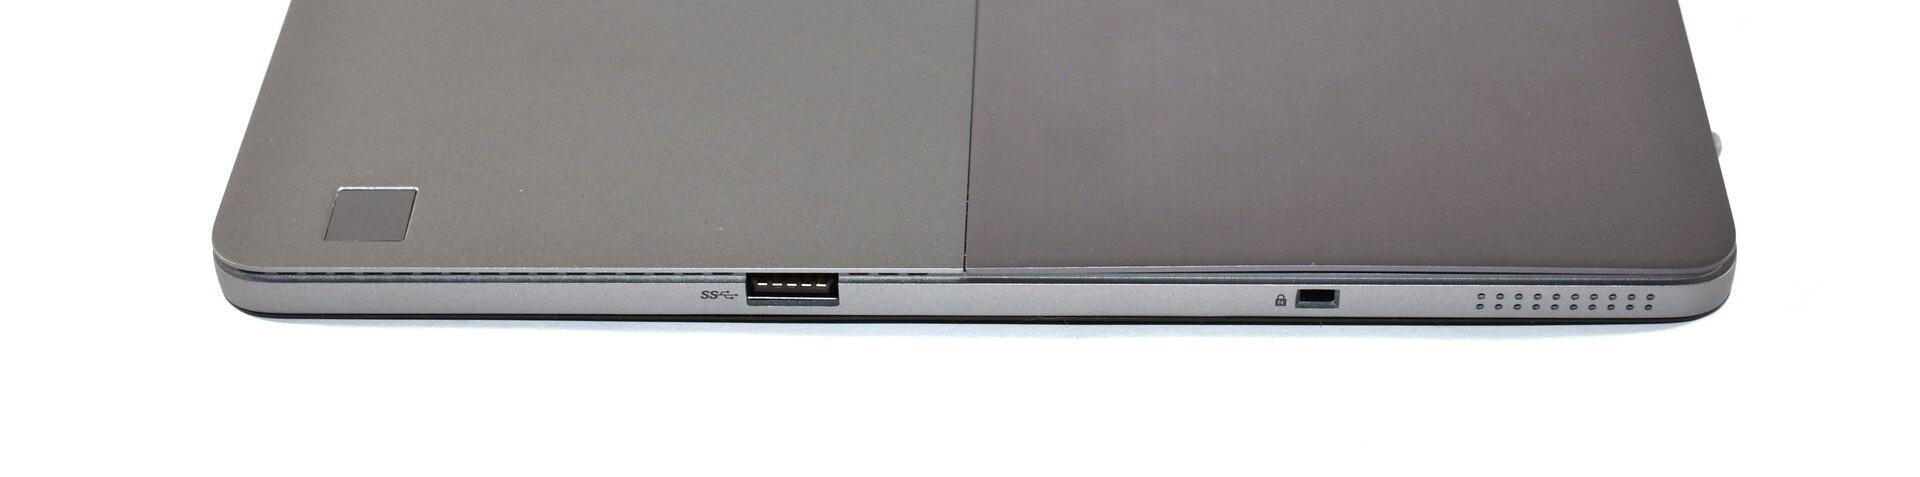 đánh giá Dell Latitude 7200 2 in 1